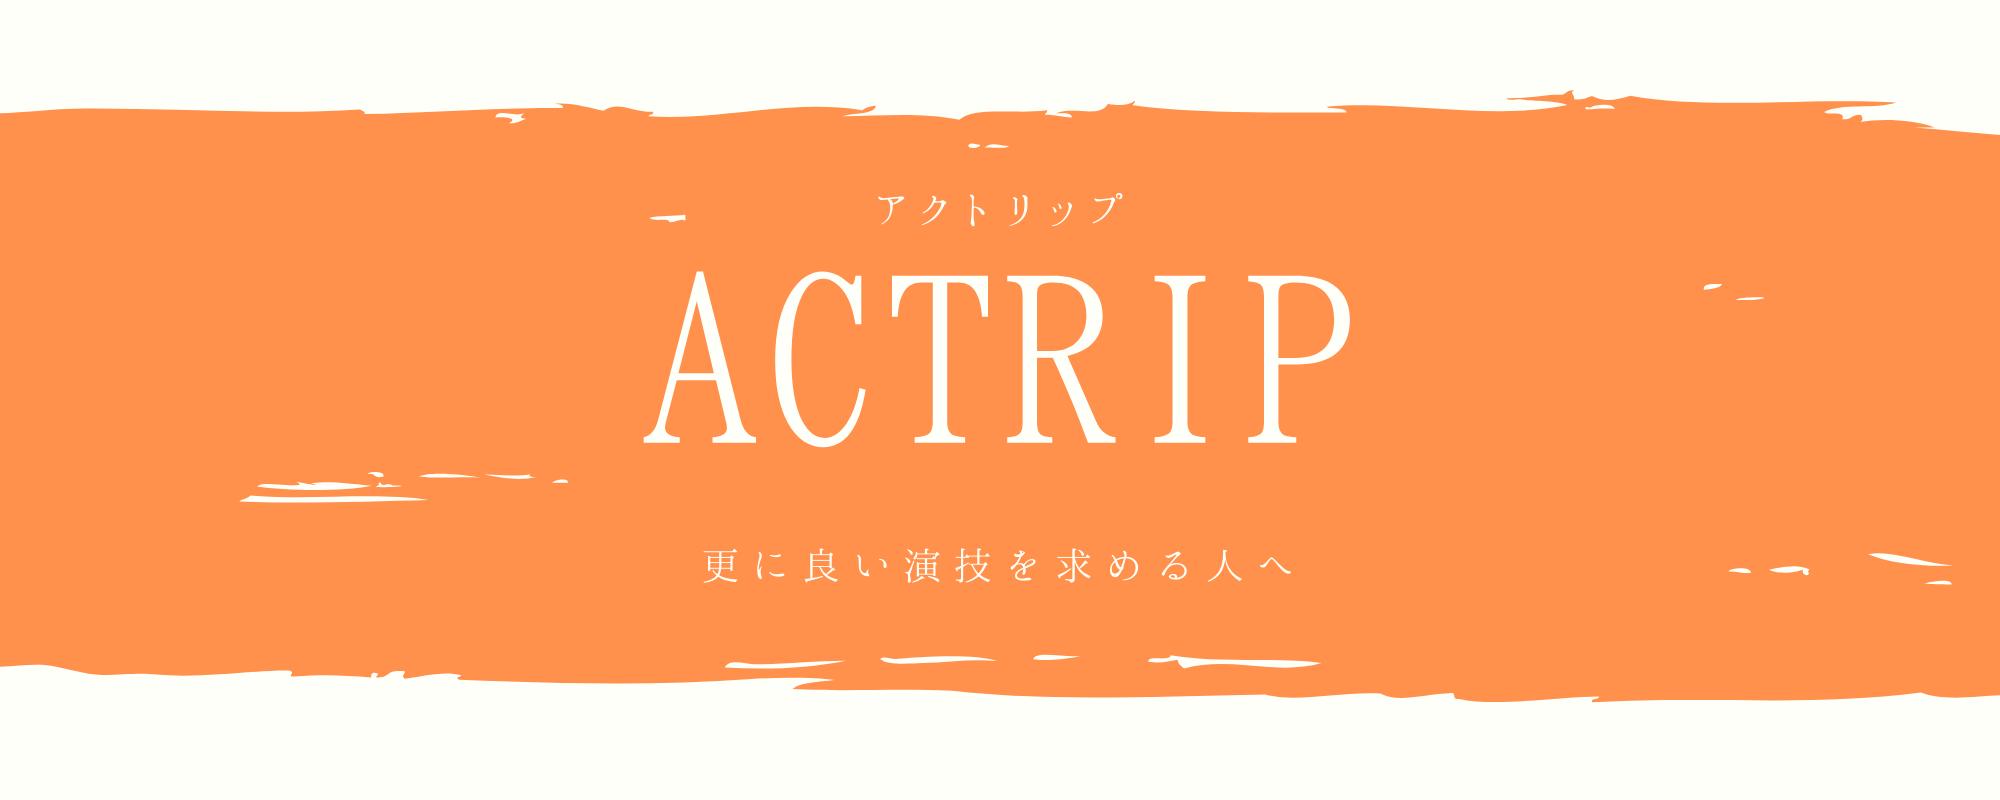 ACTRIP